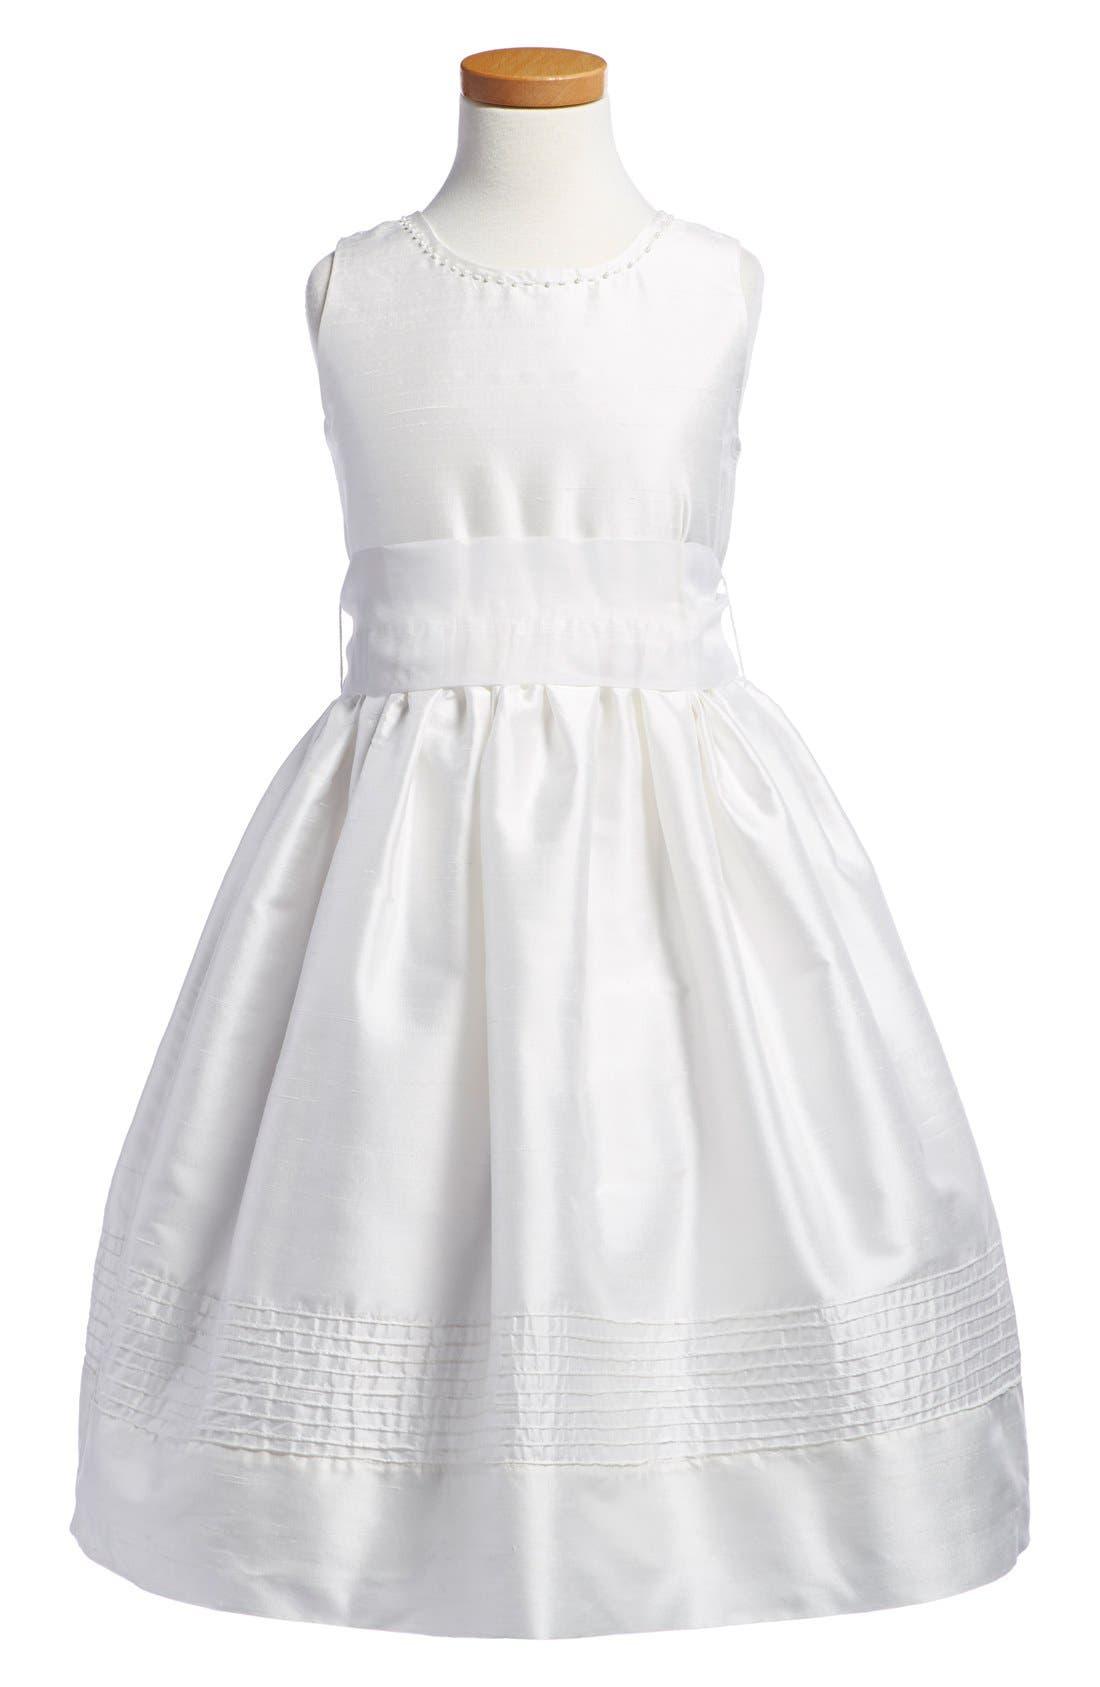 'Melody' Sleeveless Dress,                             Main thumbnail 1, color,                             105